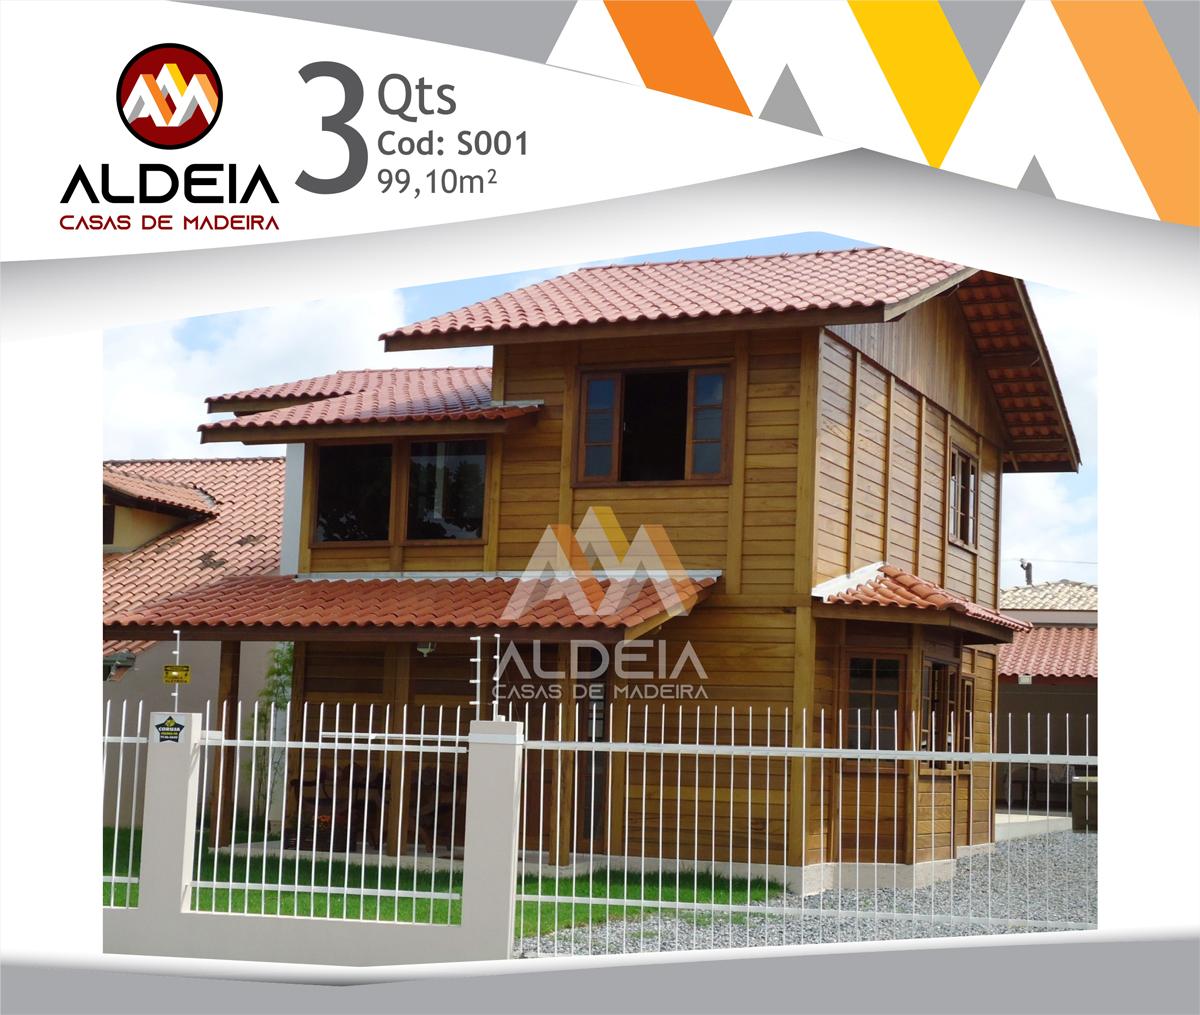 aldeia-casas-madeira-fachada-S001